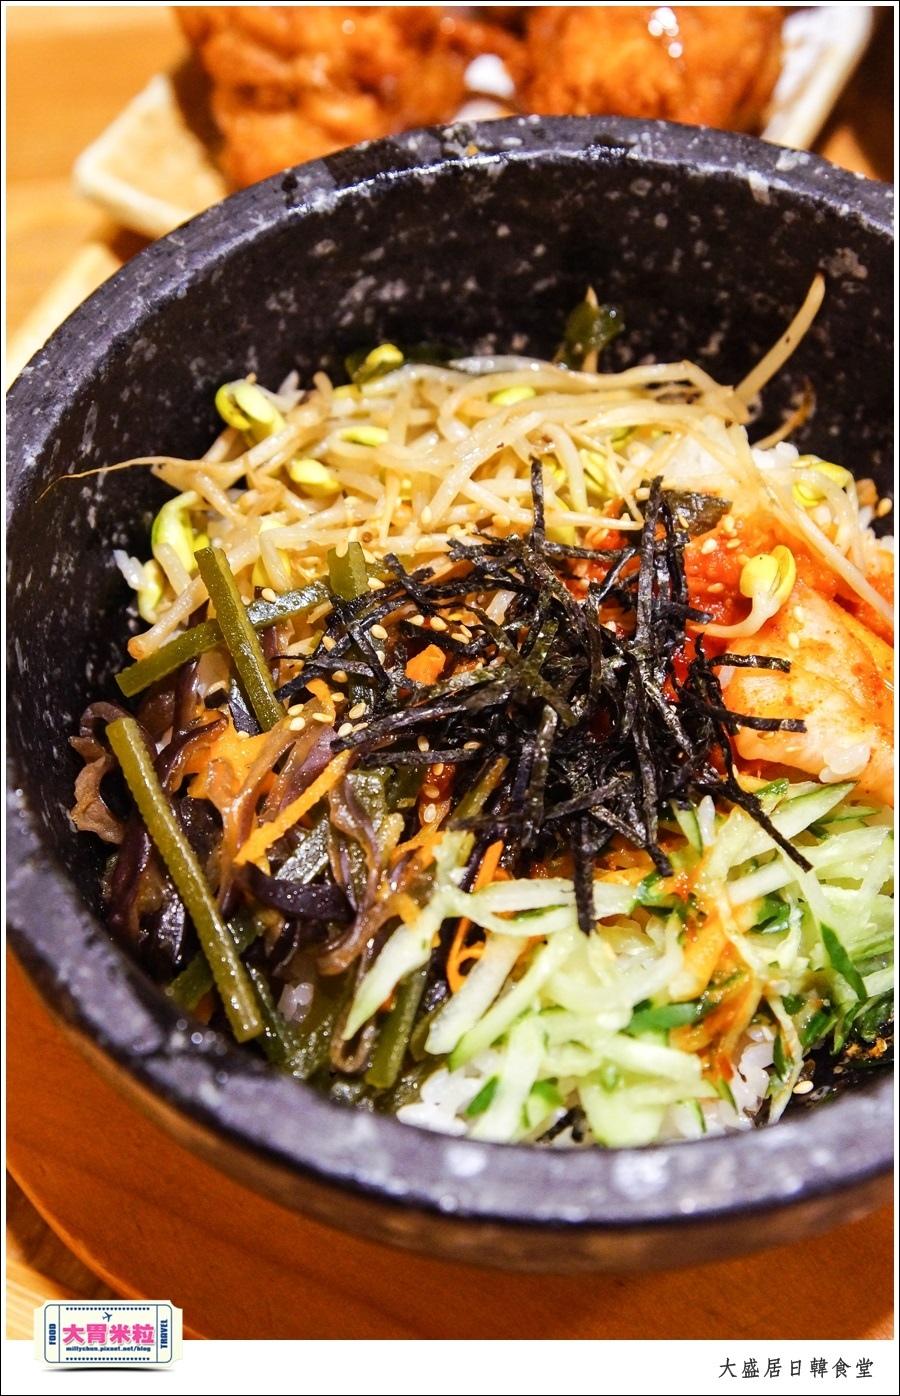 嘉義大盛居日韓食堂推薦@嘉義日式韓式料理推薦@大胃米粒0036.jpg